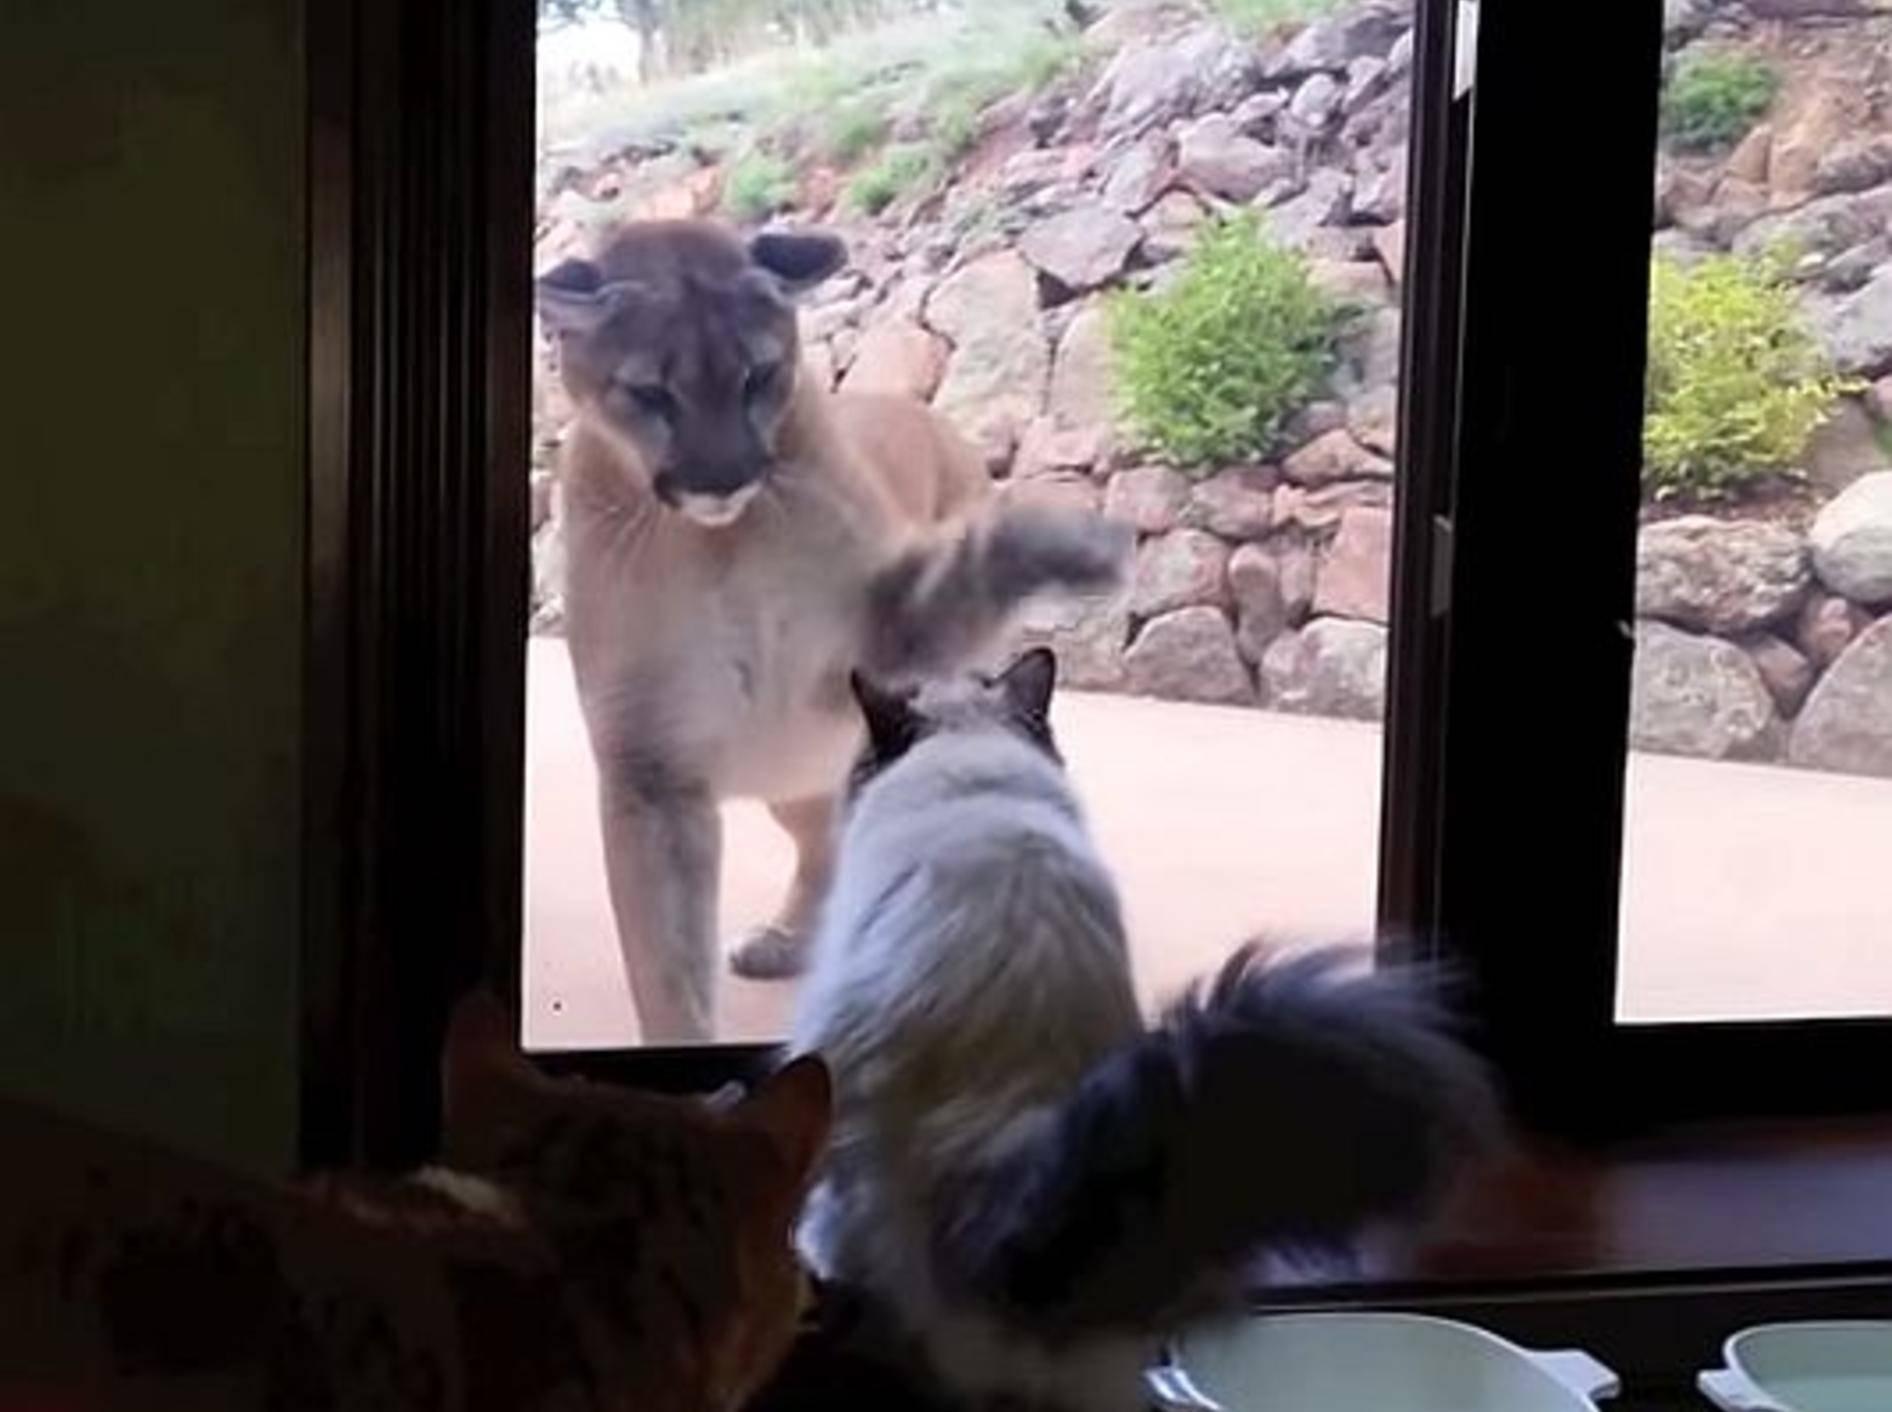 Abenteuerlich: Katze vertreibt Berglöwen – Bild: Youtube / MabeInAmerica